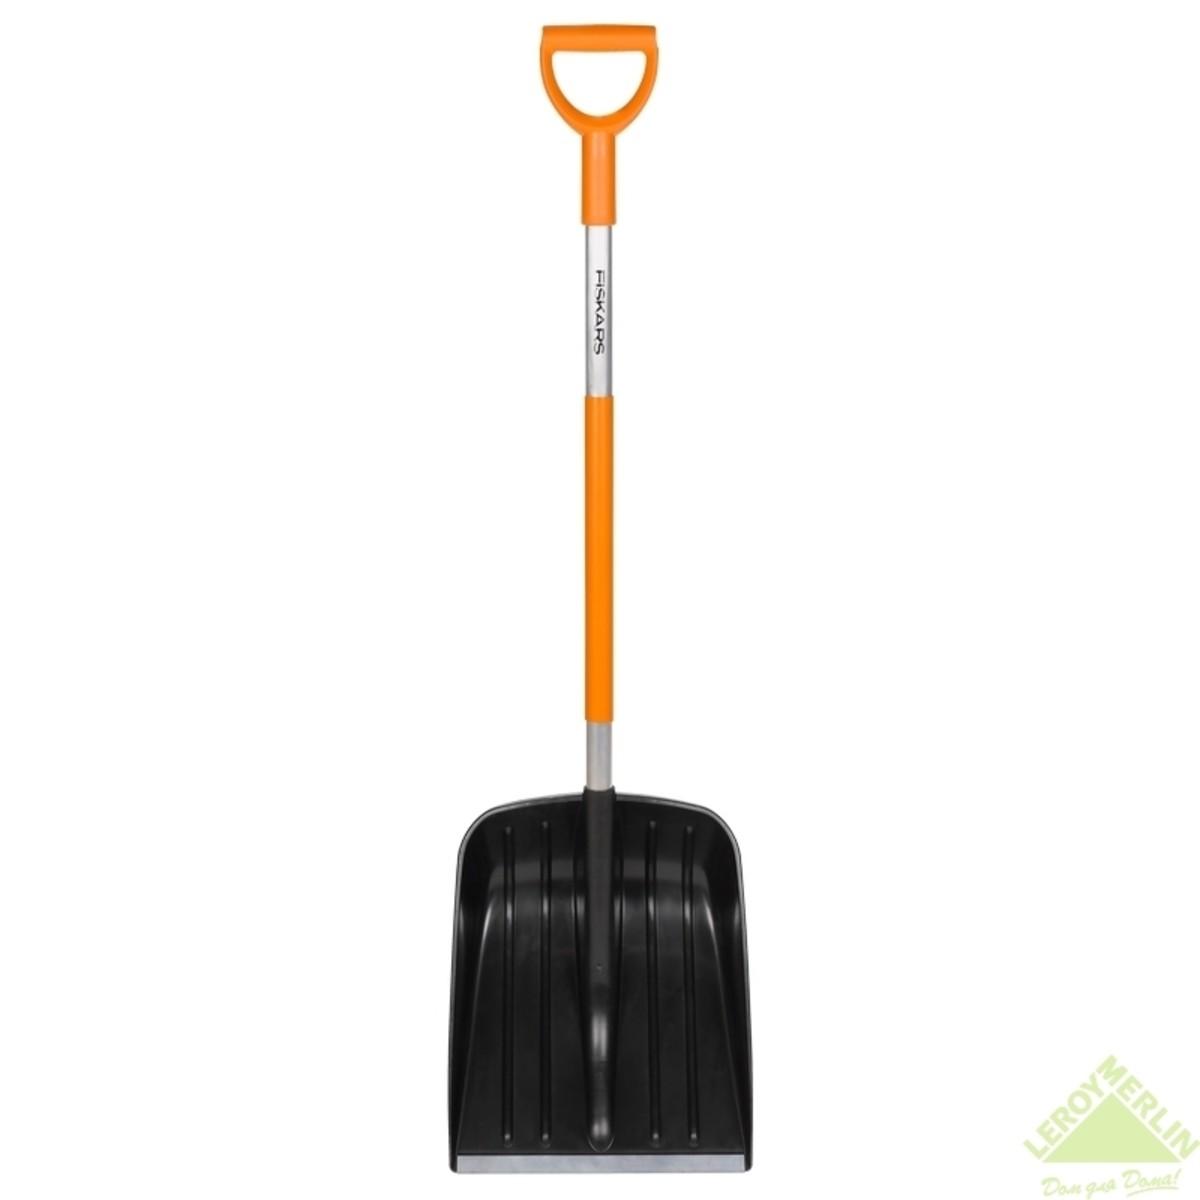 Лопата для уборки снега облегченная